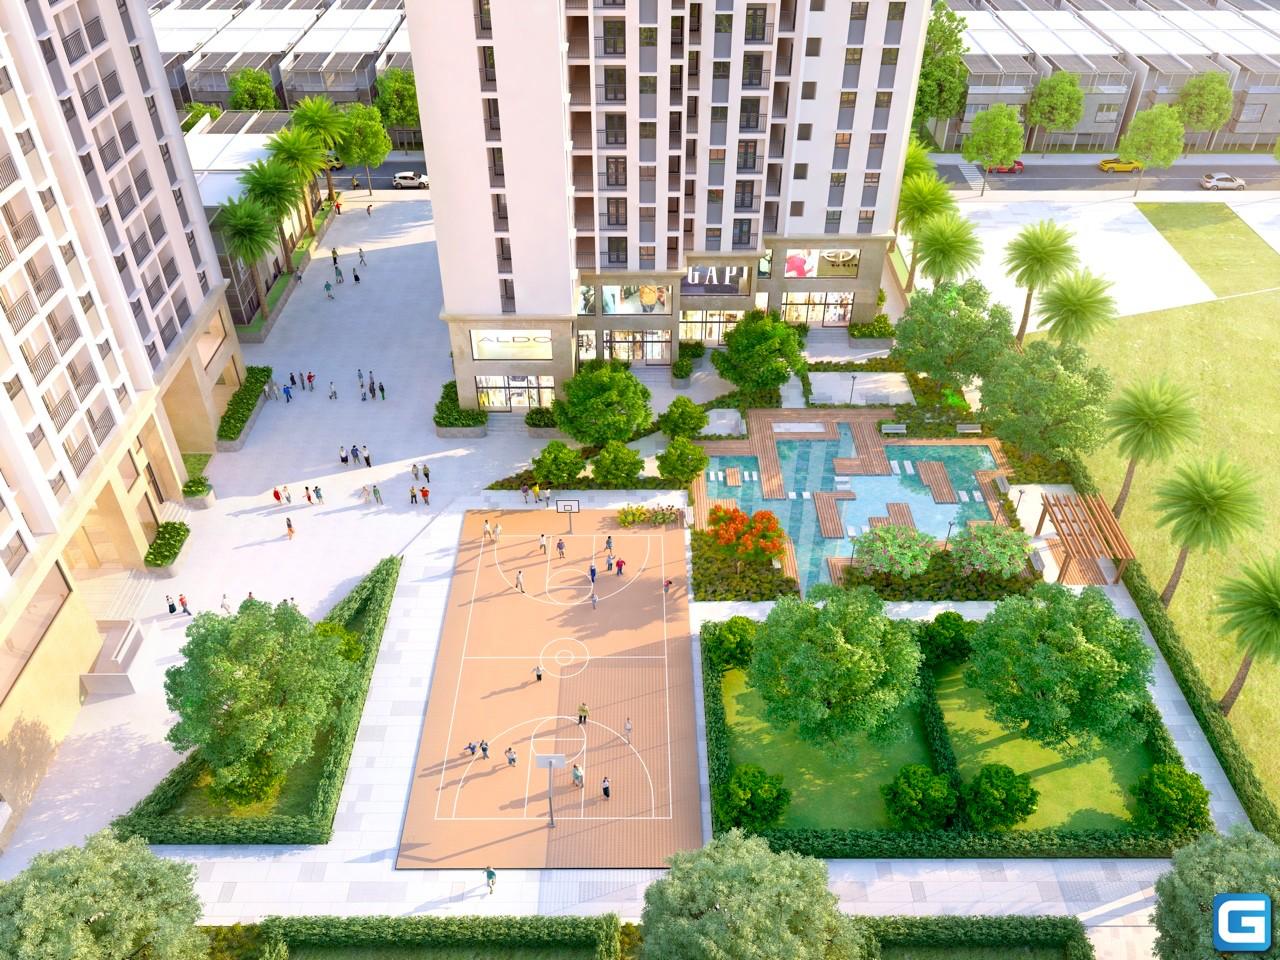 dự án căn hộ chung cư Stown Gateway bình dương